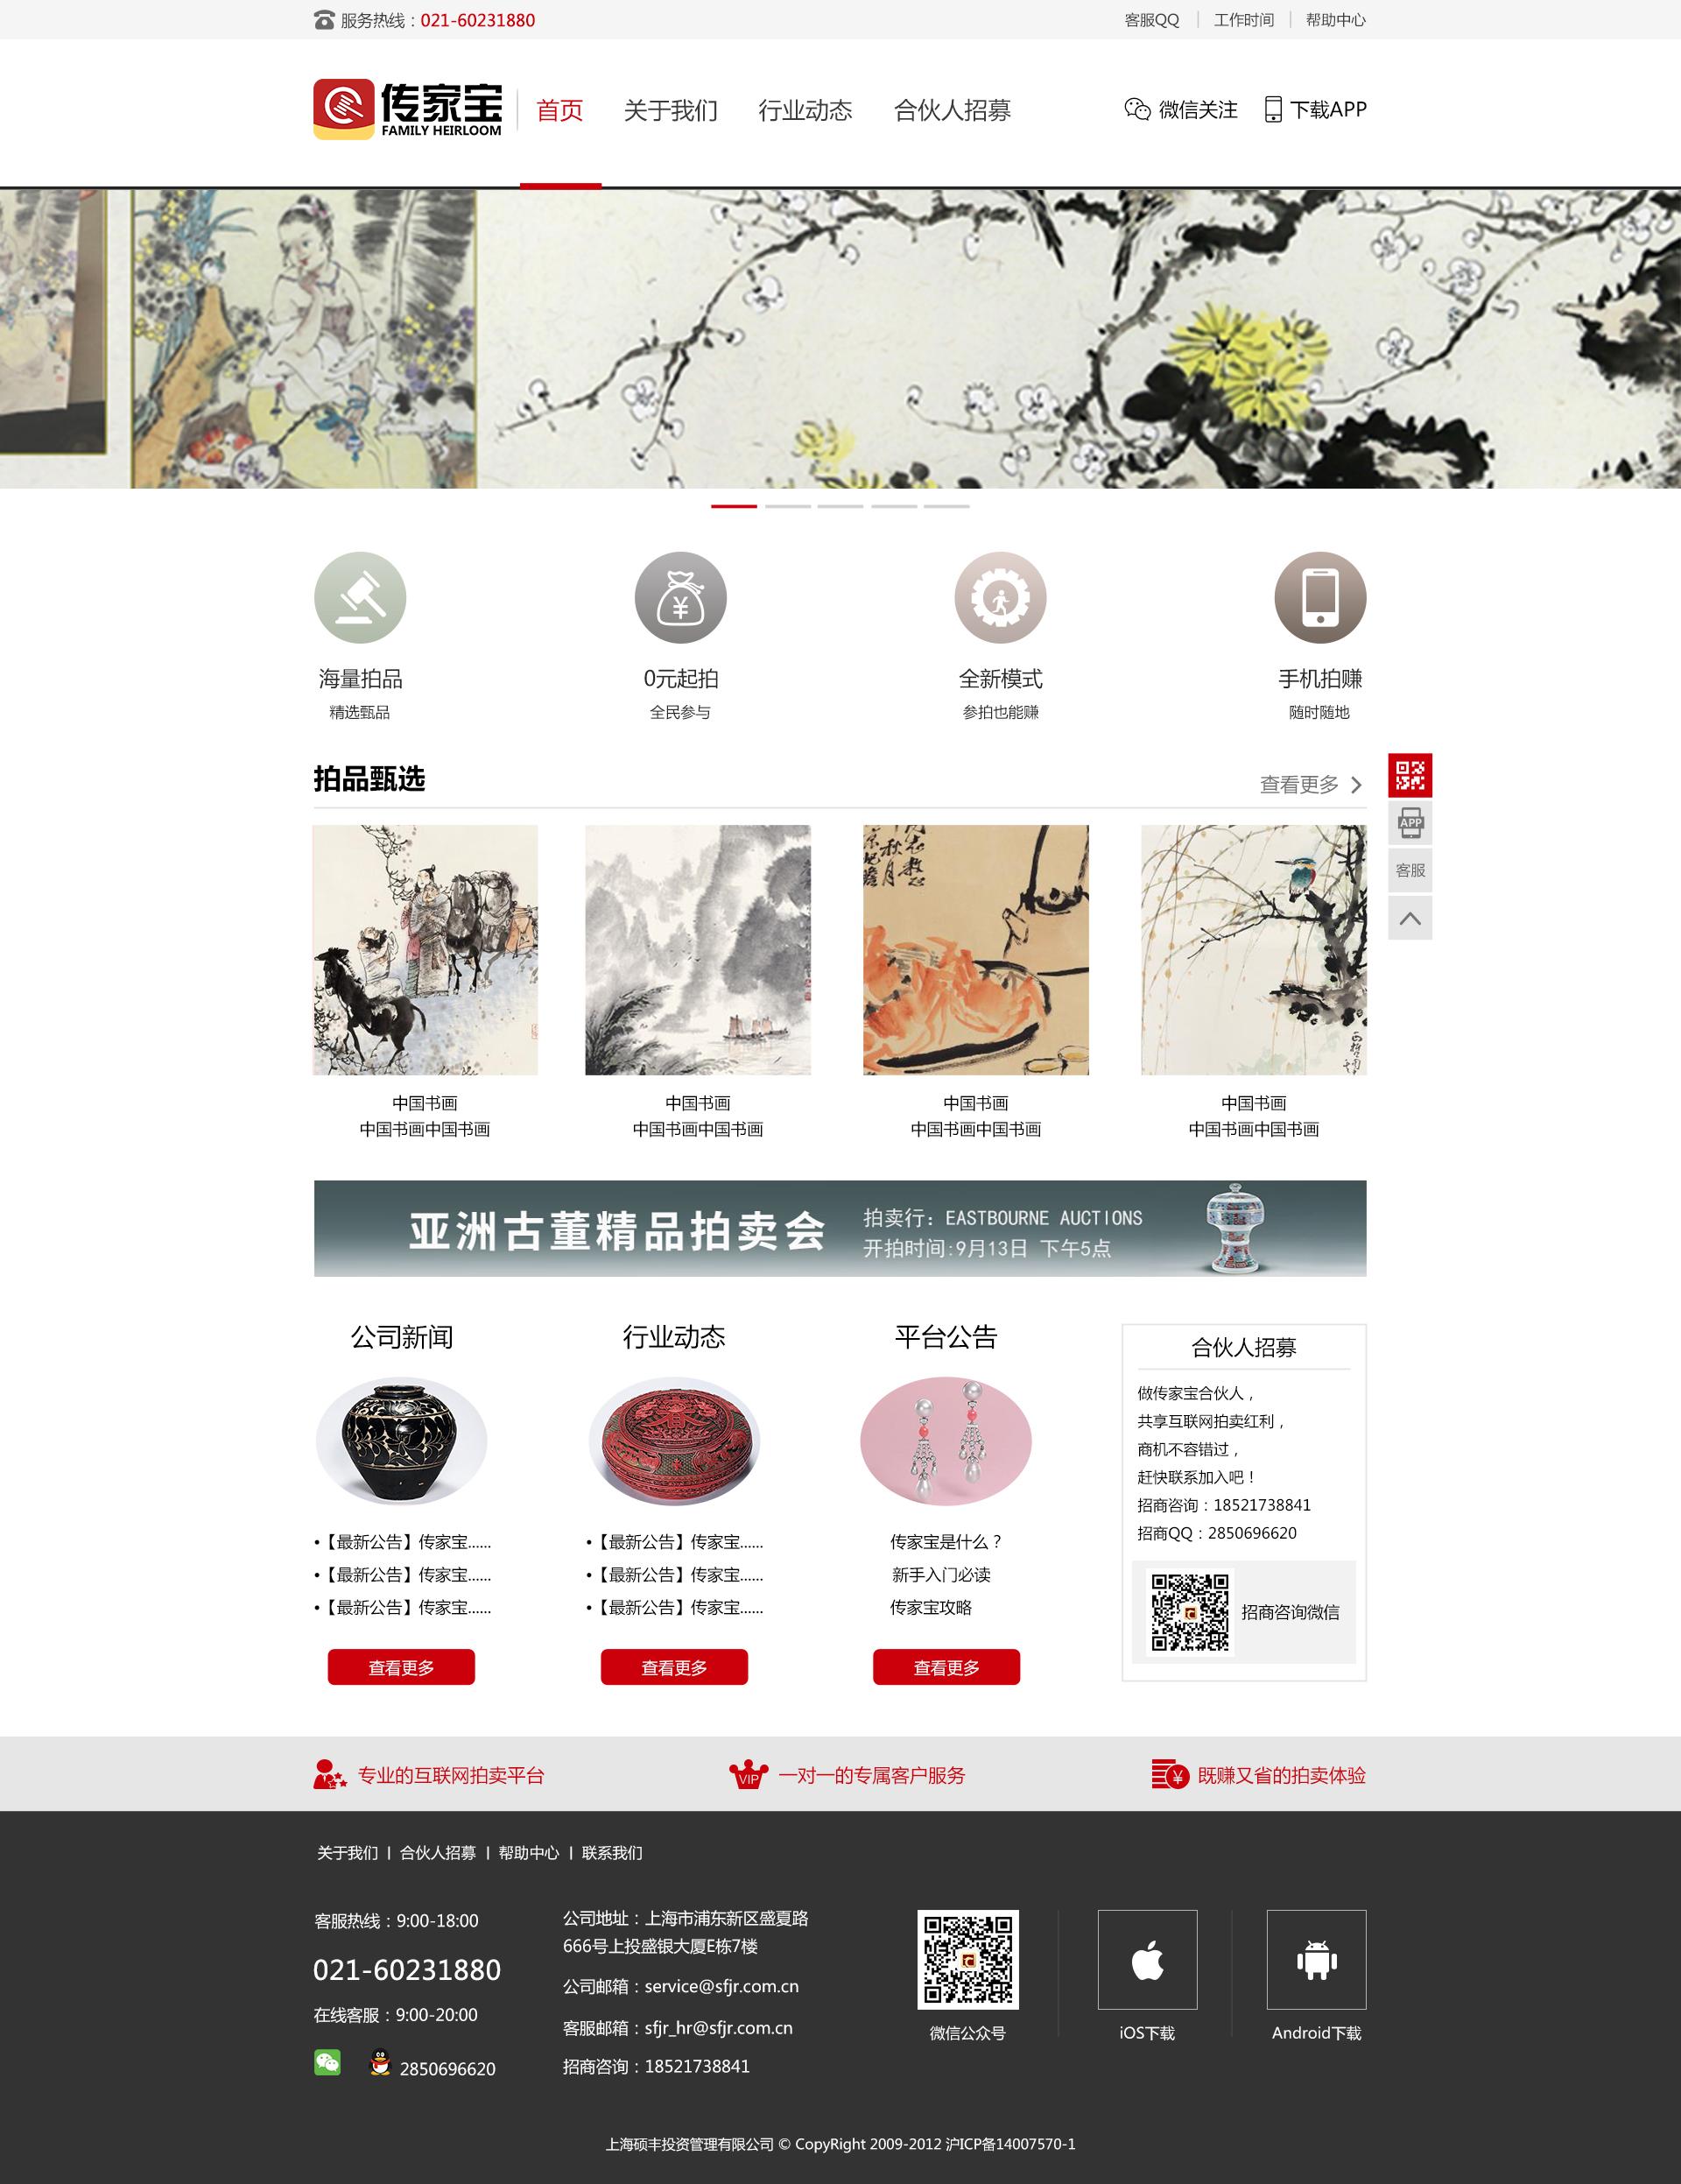 上海九泰丰拍卖平台官网上线